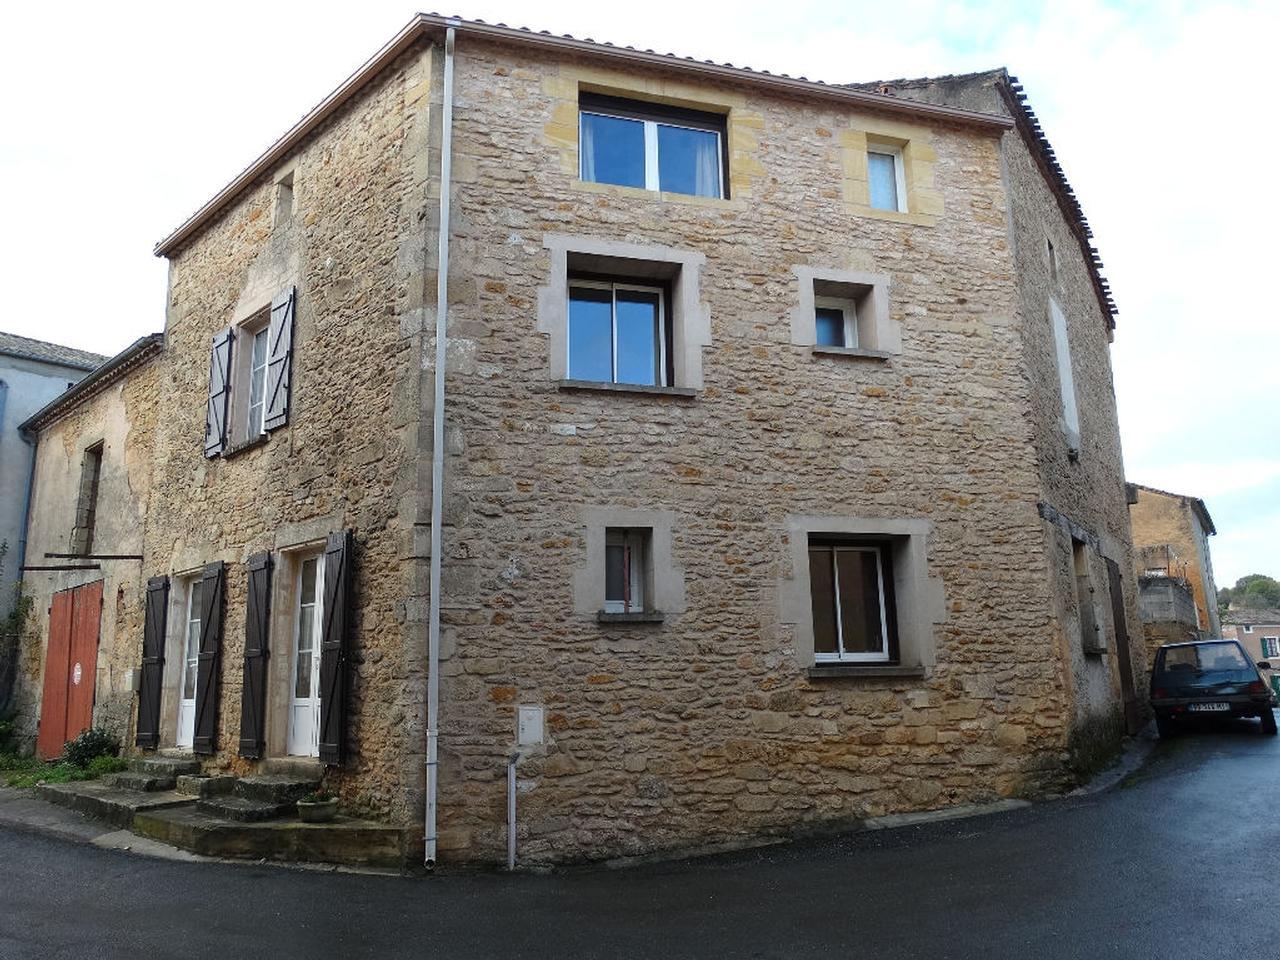 Vente maison/villa 6 pièces lacapelle biron 47150